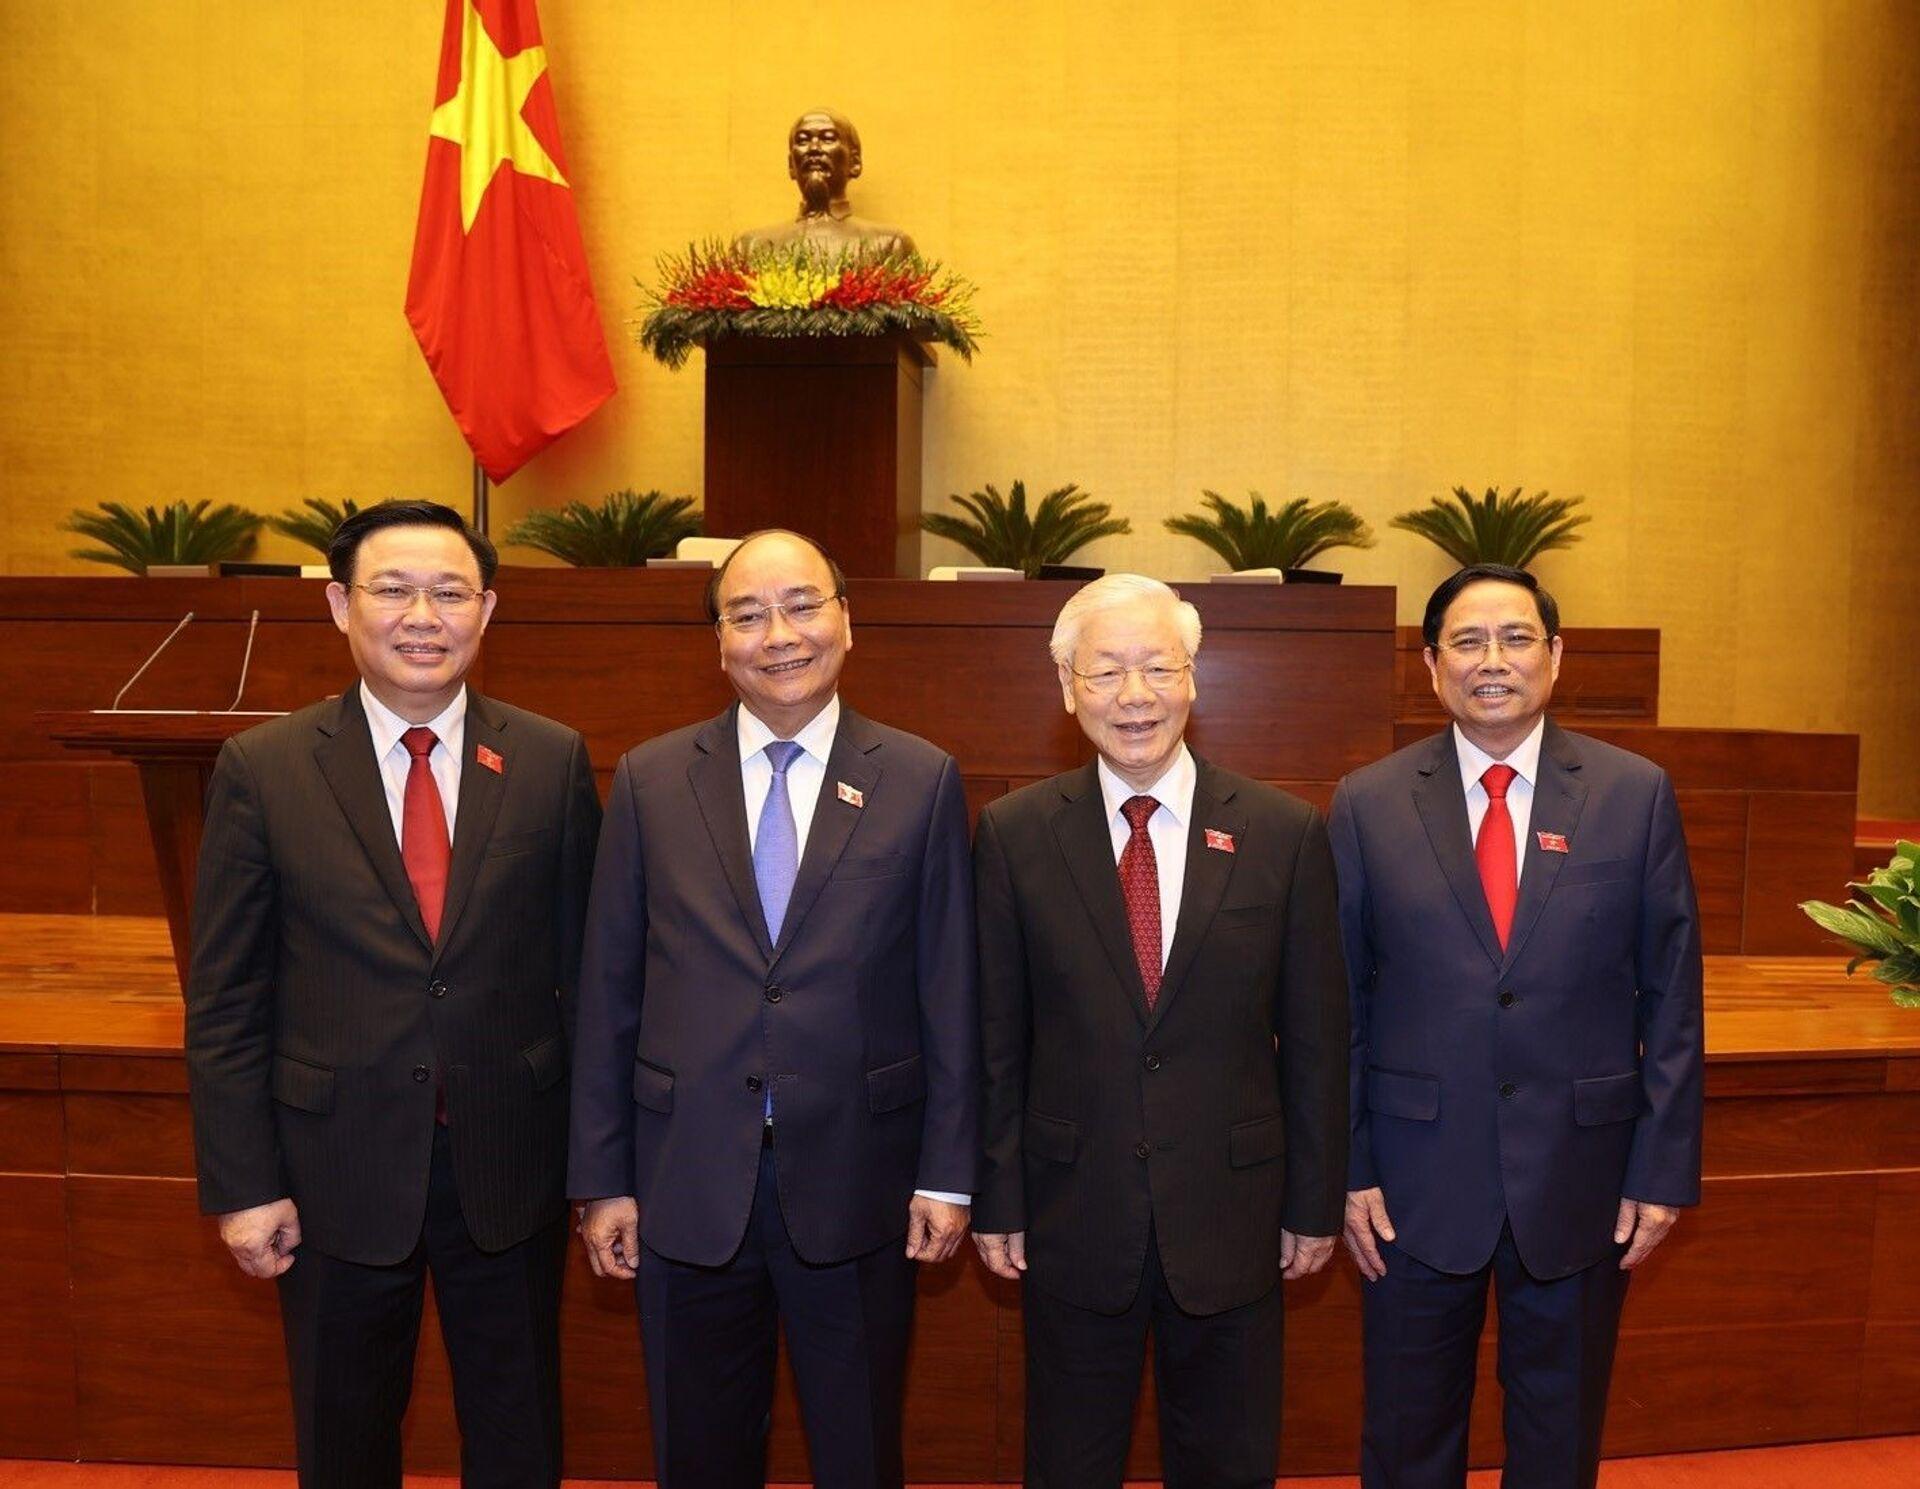 Việt Nam rút 2 người khỏi danh sách ứng cử đại biểu Quốc hội khóa XV - Sputnik Việt Nam, 1920, 21.04.2021